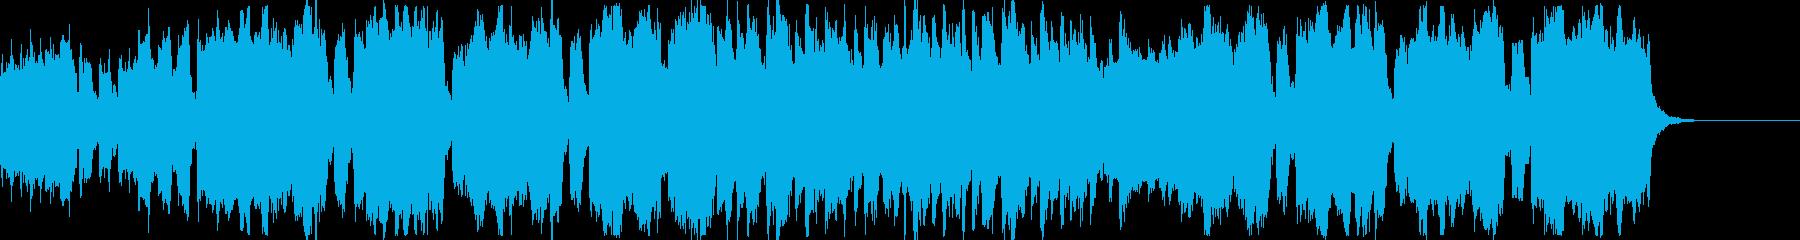 ハロウィンに使える少しおどけたBGMの再生済みの波形